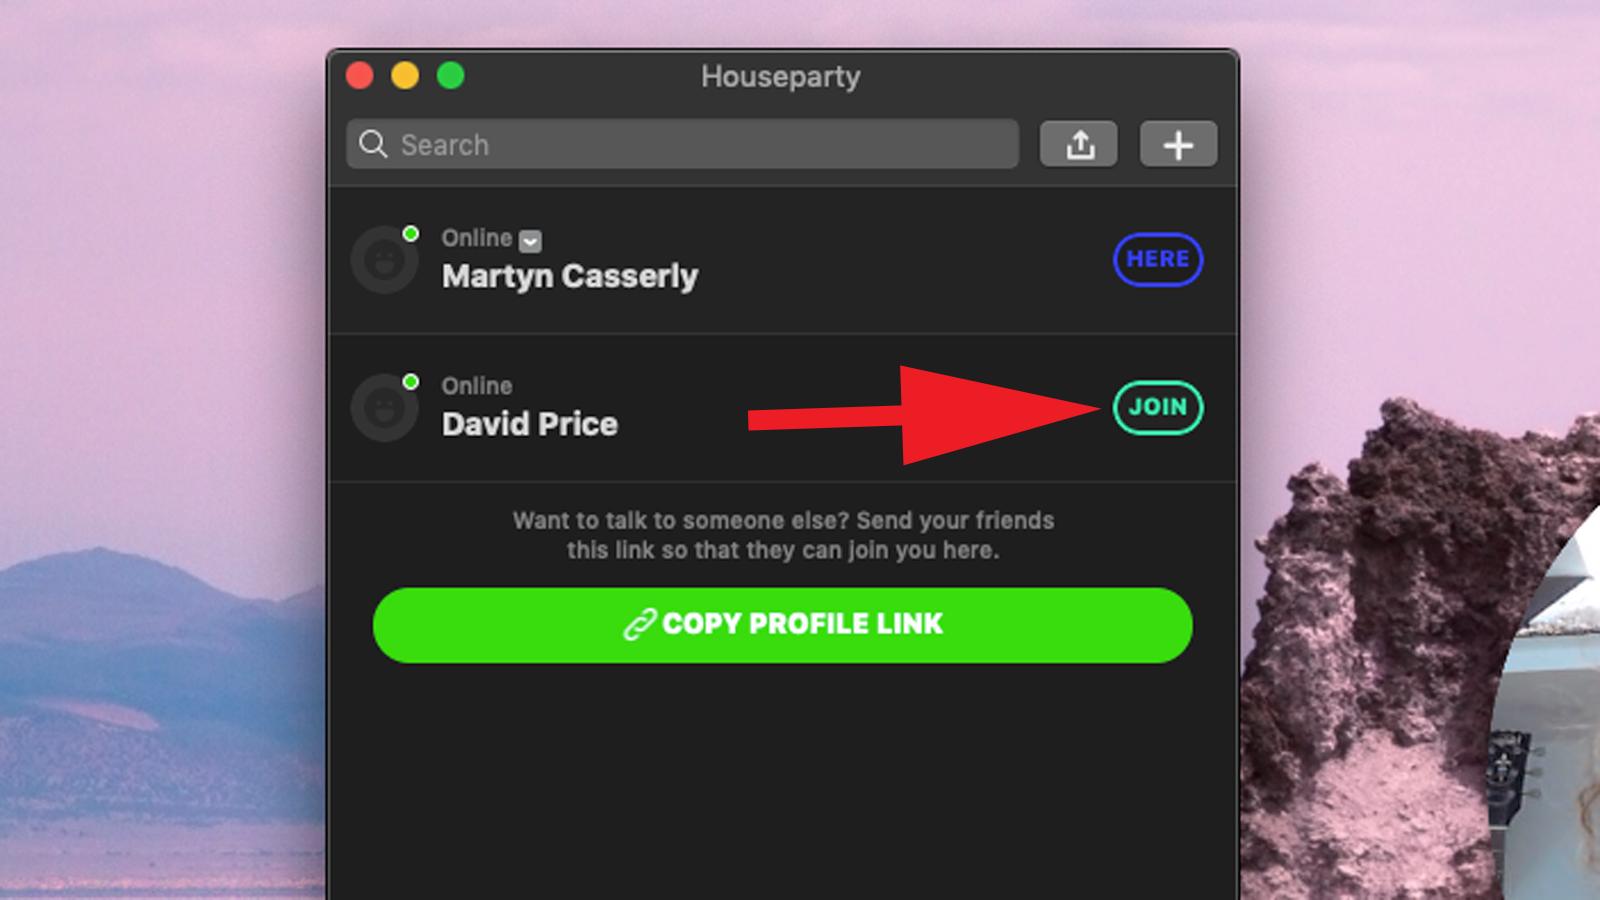 Cómo configurar y usar Houseparty en Mac: unirse a un chat